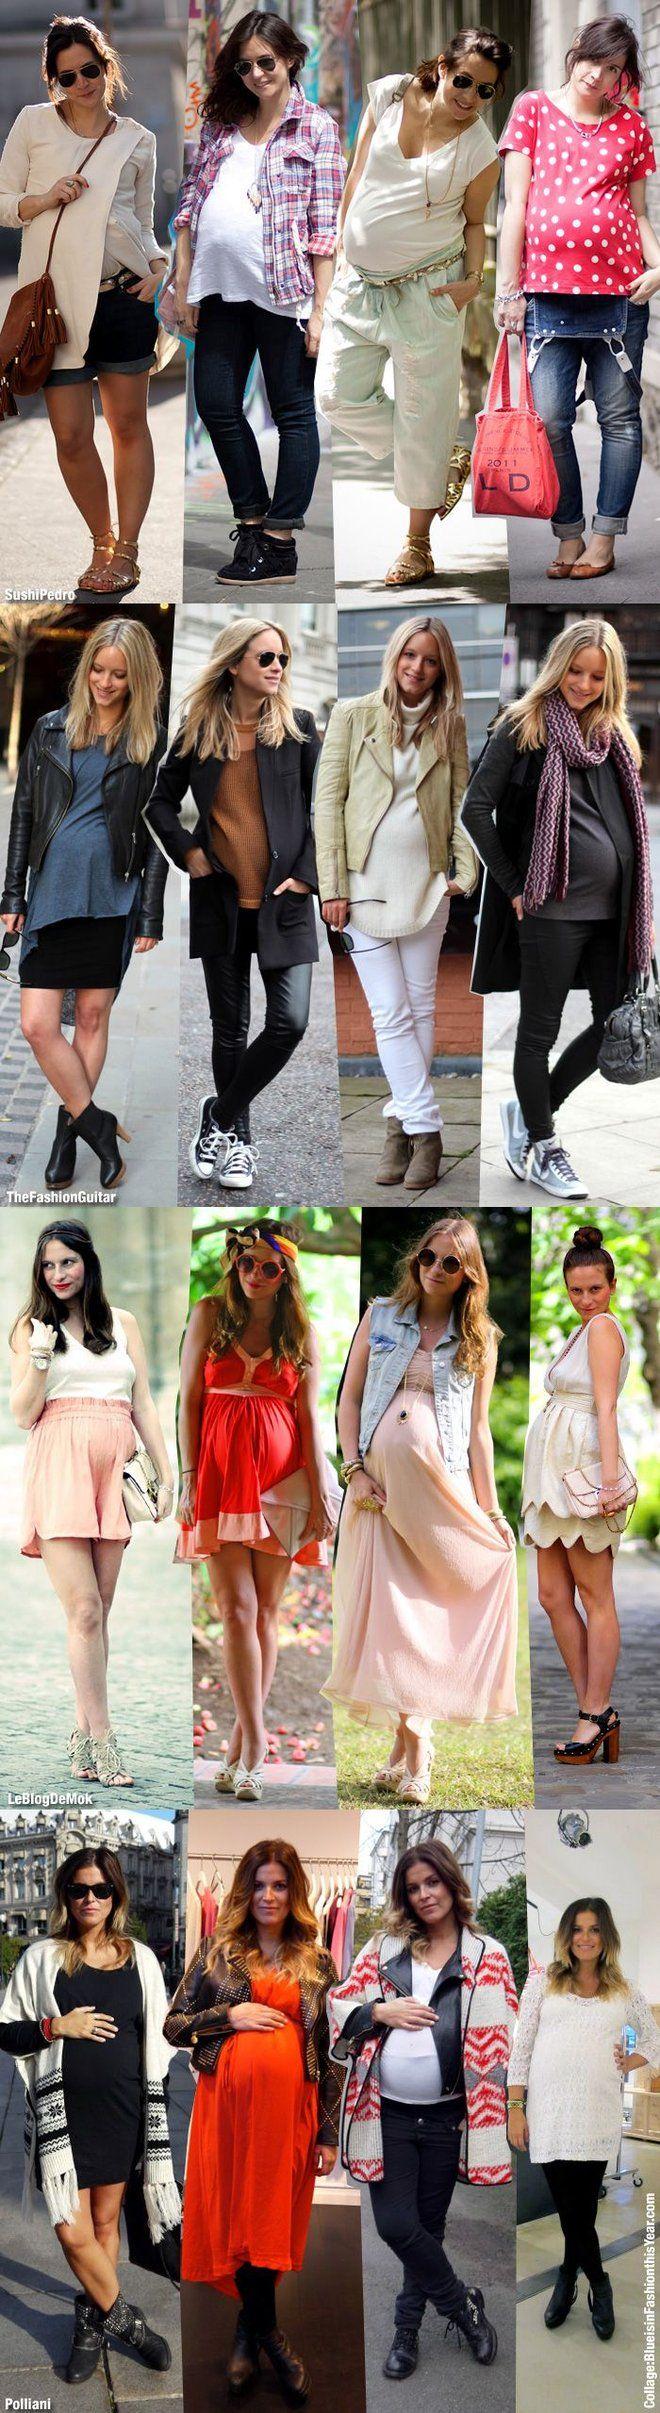 Фотоальбом «Модная одежда для беременных» фото, пользователя «Ромашки-Лютики»